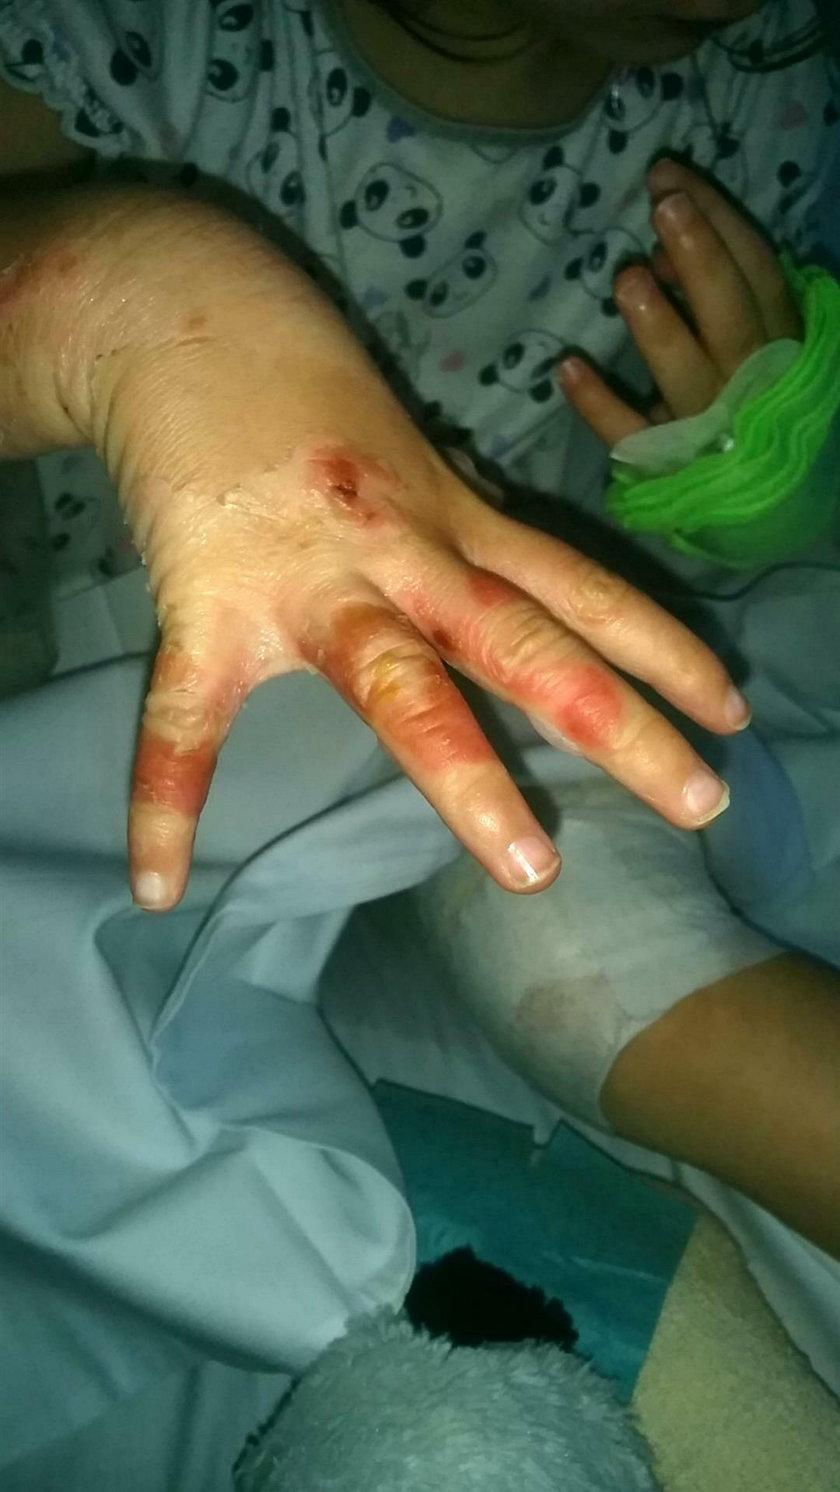 3-latka dotkliwie poparzona. Przez termostat